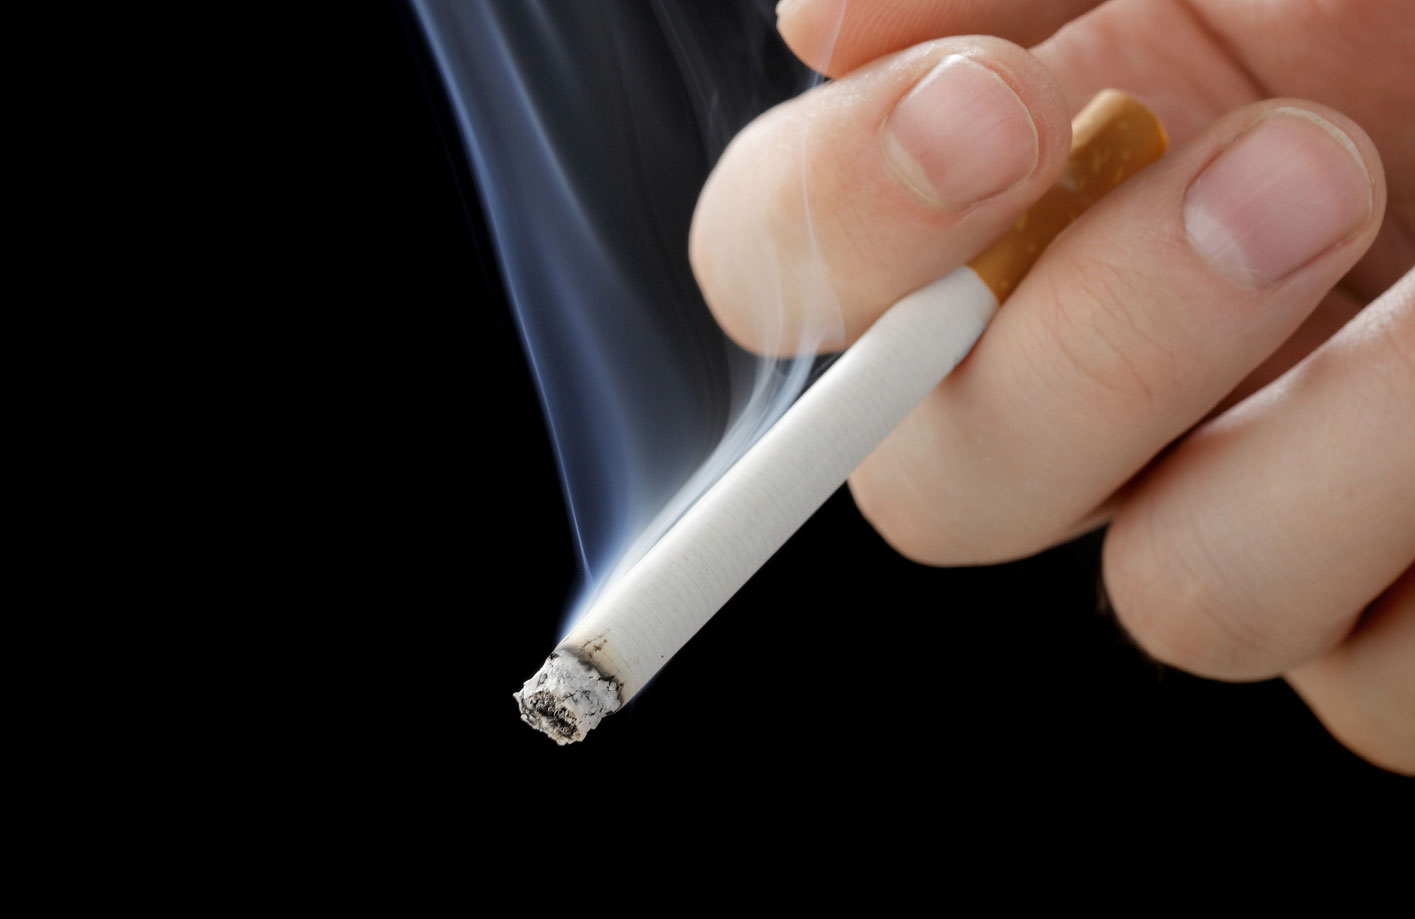 Kaar pedig könnyen leszokhat a dohányzásról